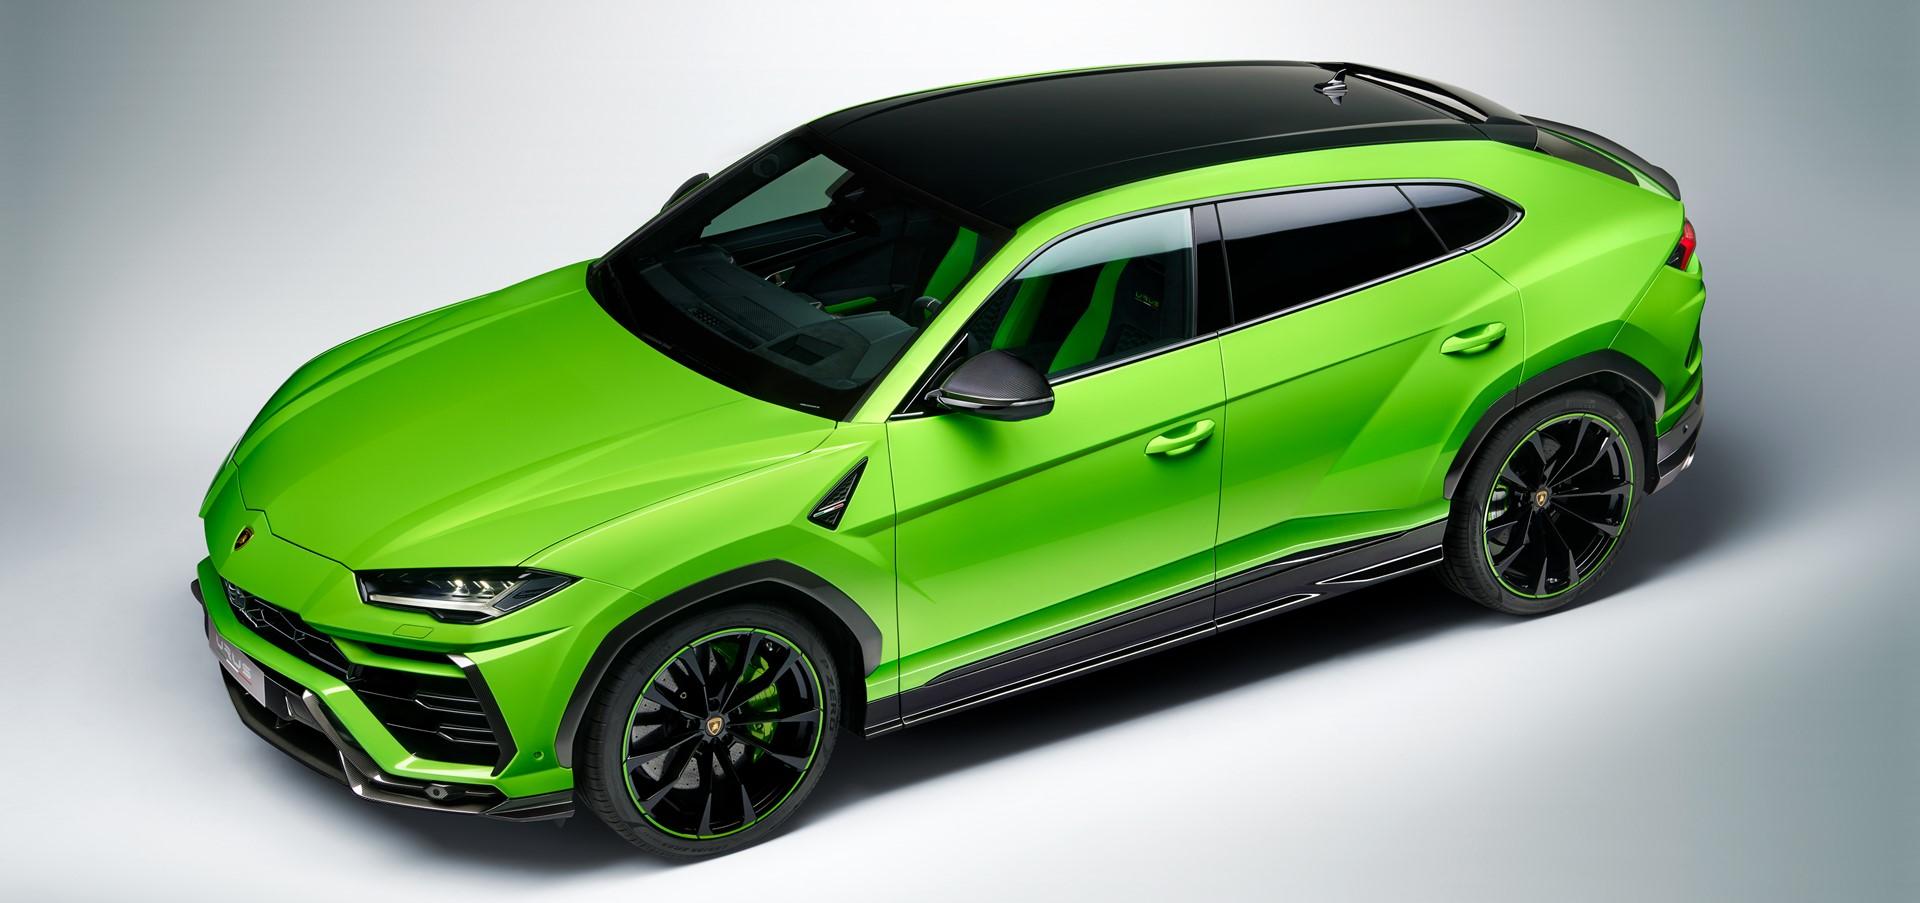 Automobili Lamborghini presenta la Urus Pearl Capsule